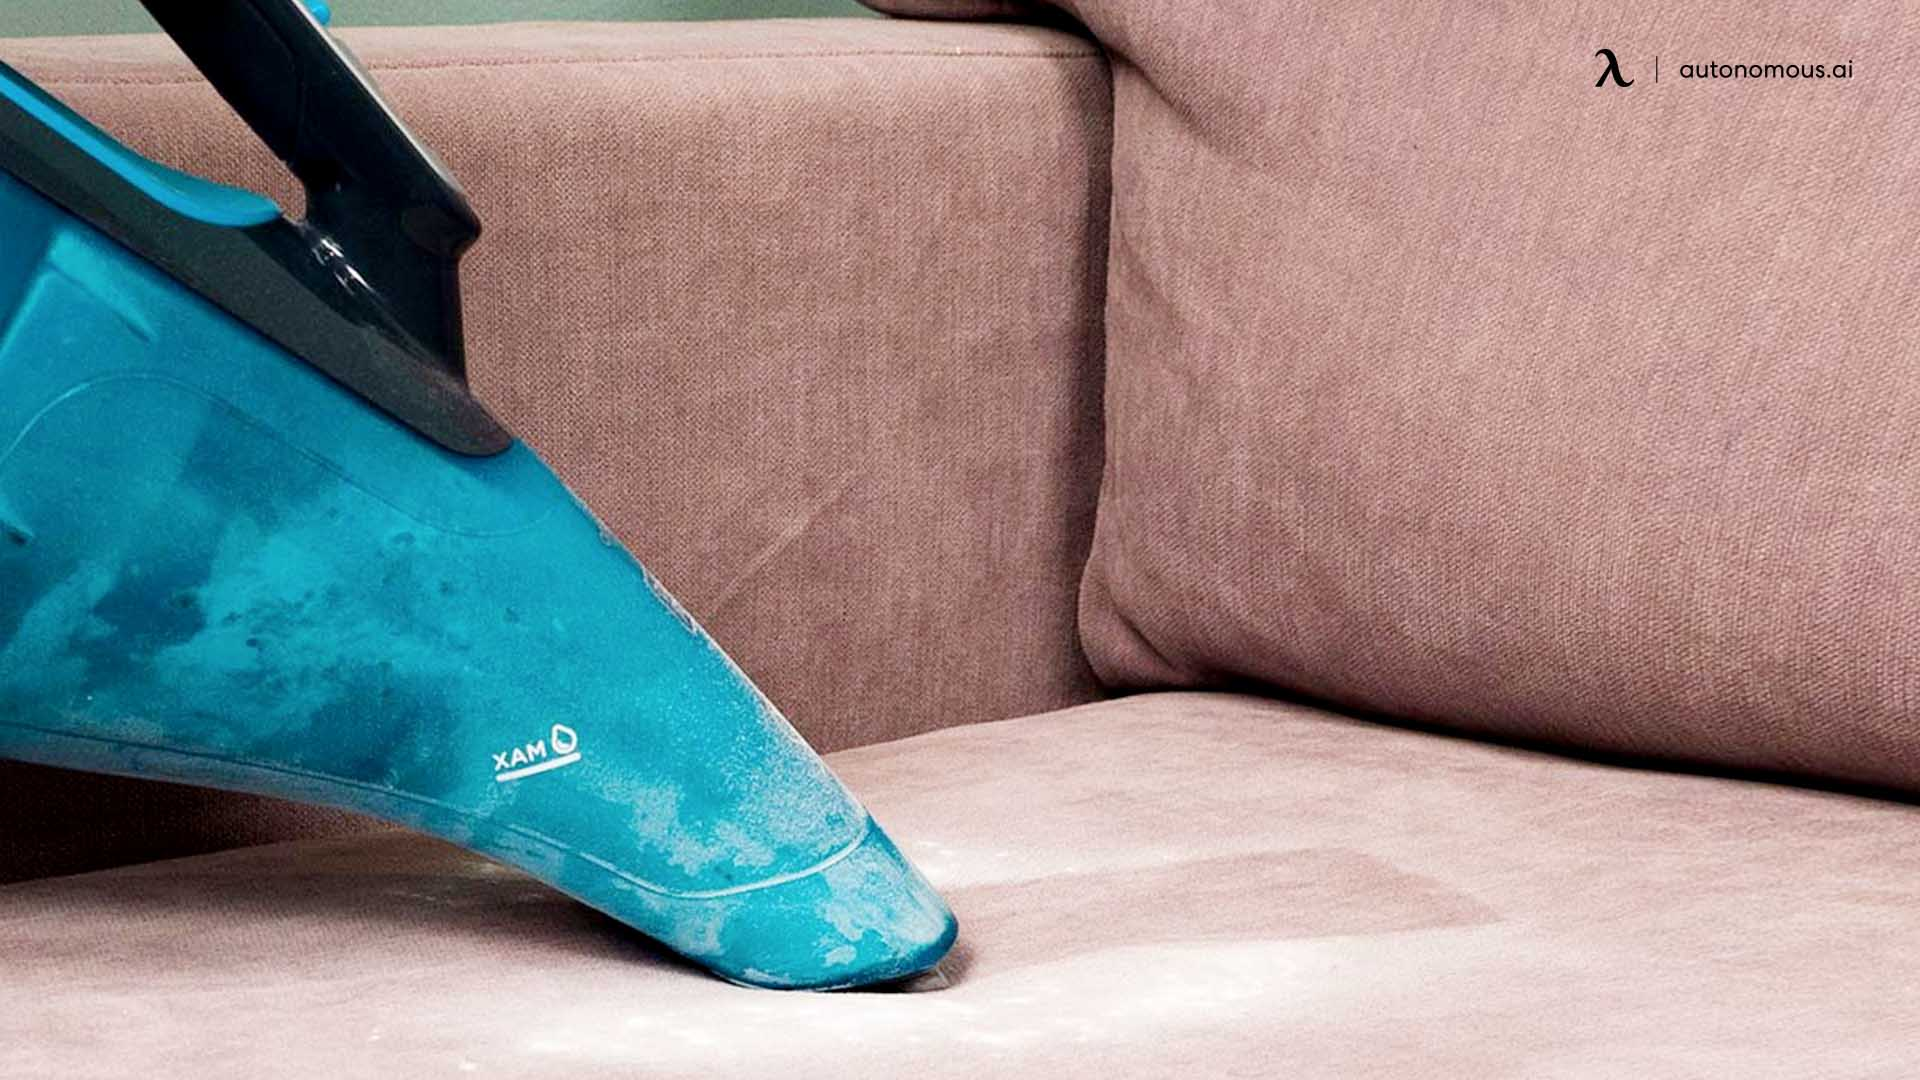 Dust and Vacuum